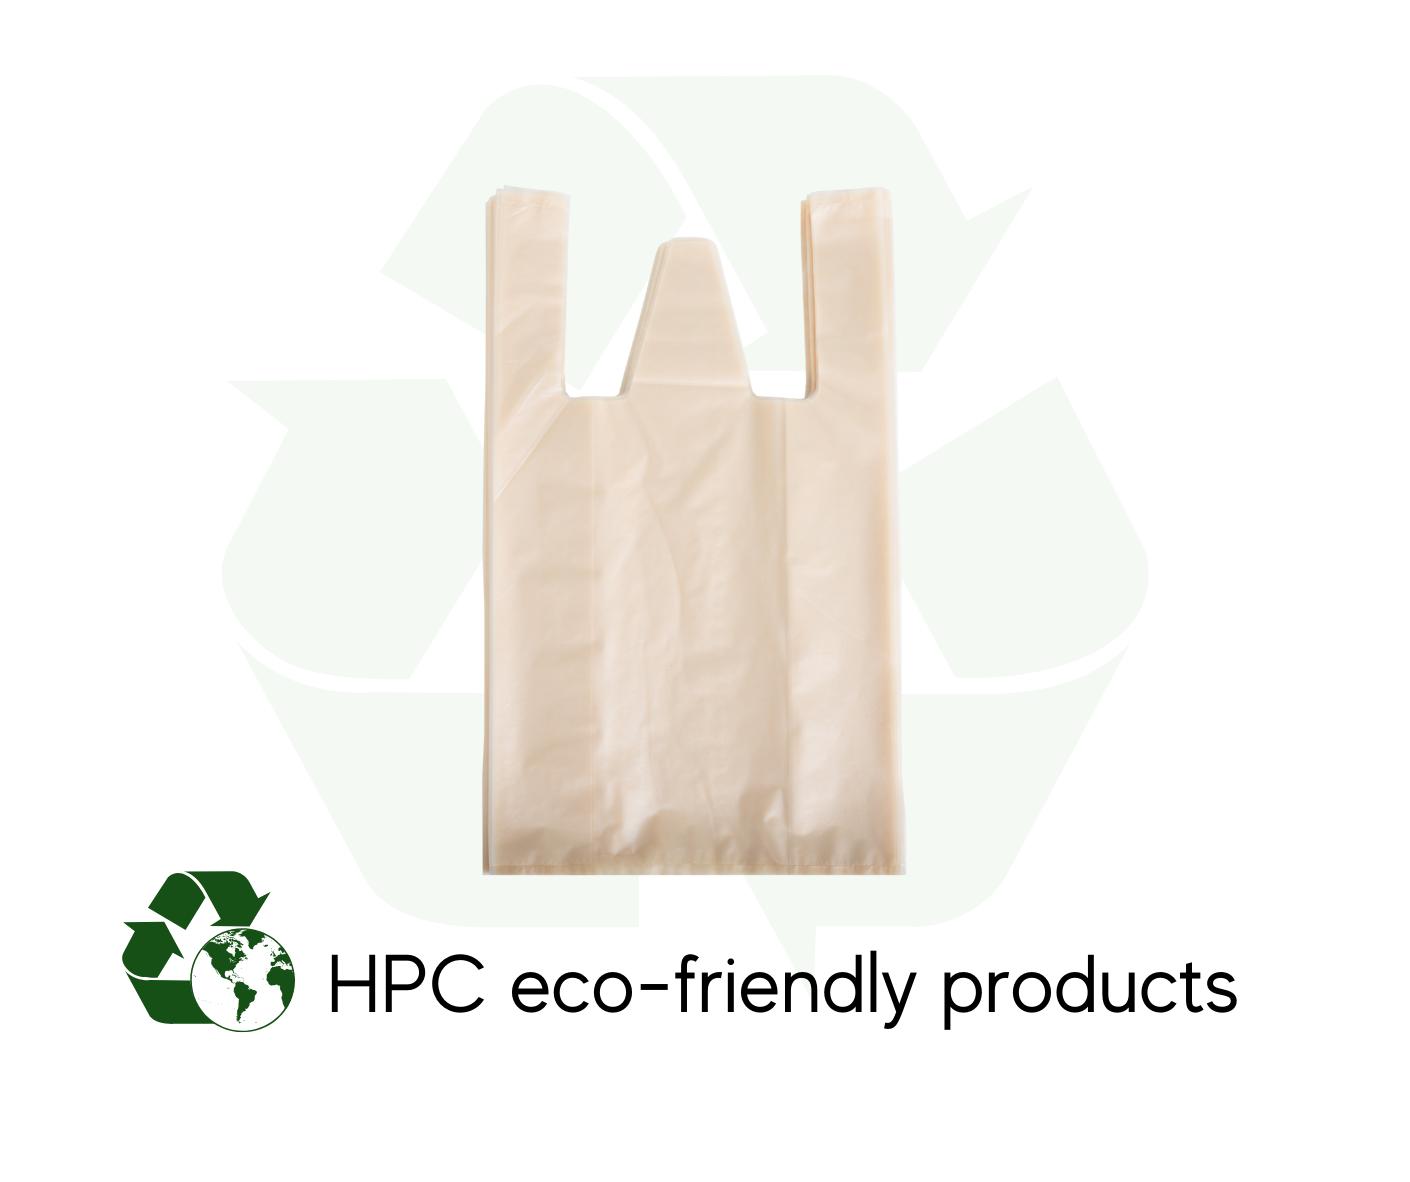 Sản phẩm thân thiện với môi trường: Mở ra kỷ nguyên mới cho doanh nghiệp sản xuất bao bì nhựa